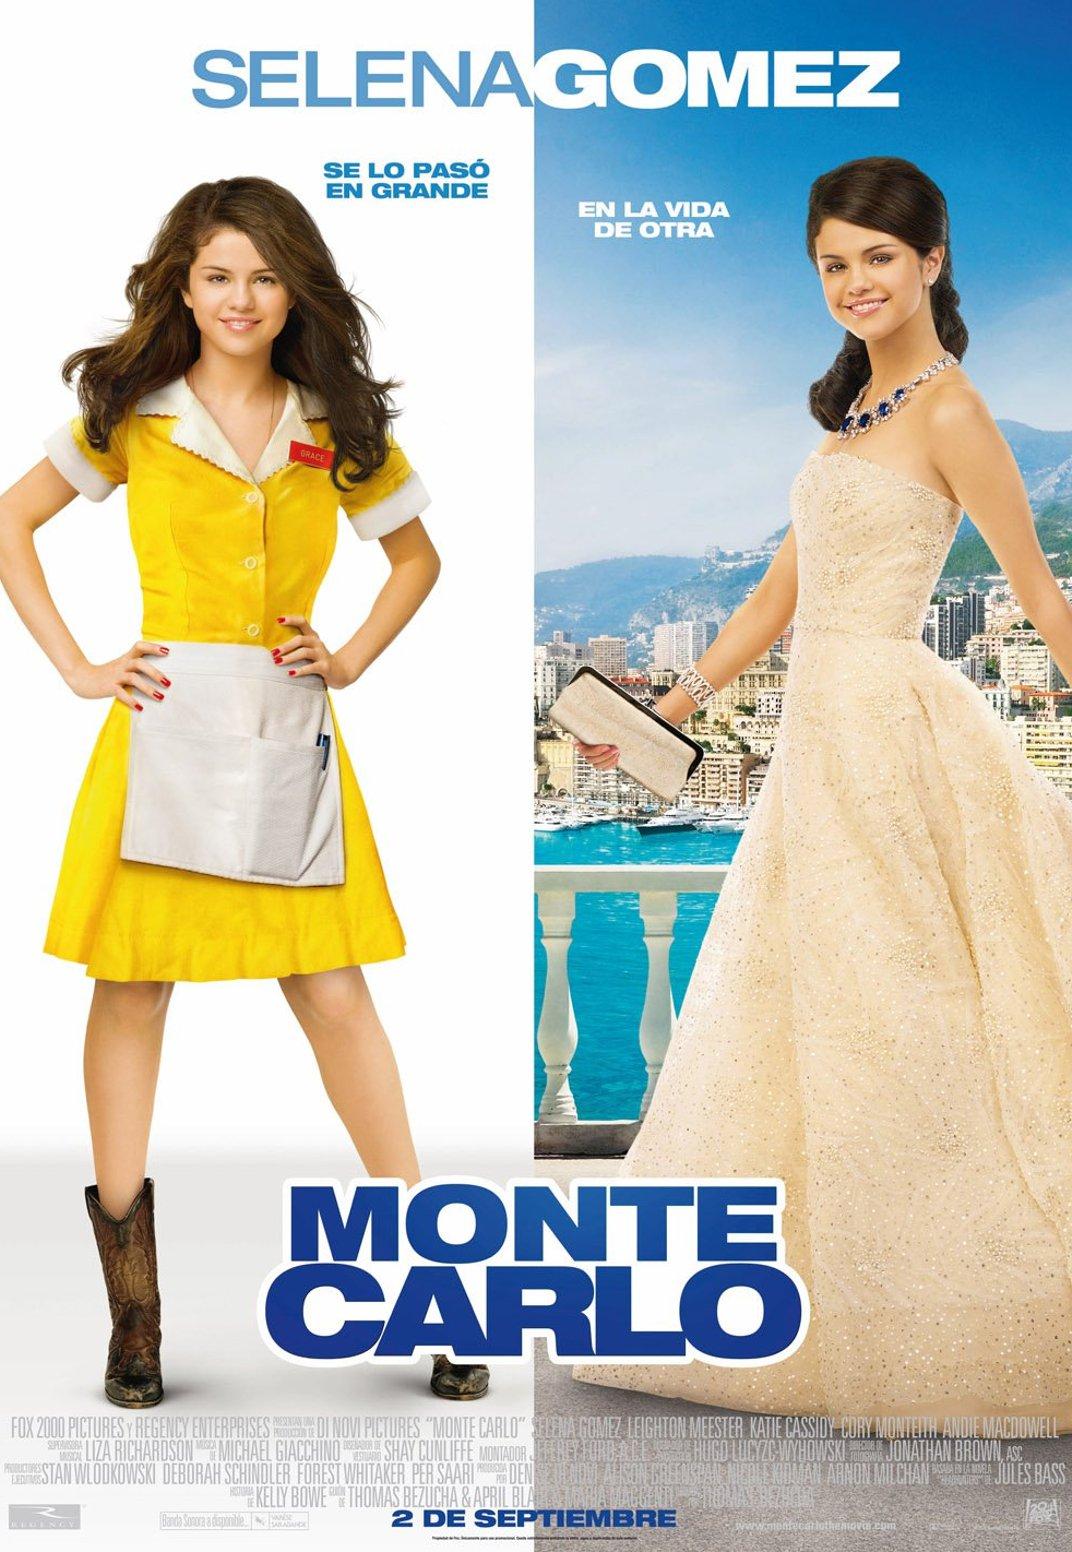 http://1.bp.blogspot.com/-YM7sXH8tSjY/T3uuADYfEgI/AAAAAAAAGQE/zMwOcXjZIuA/s1600/monte-carlo-movie-poster-4f4bff72142d7.jpg